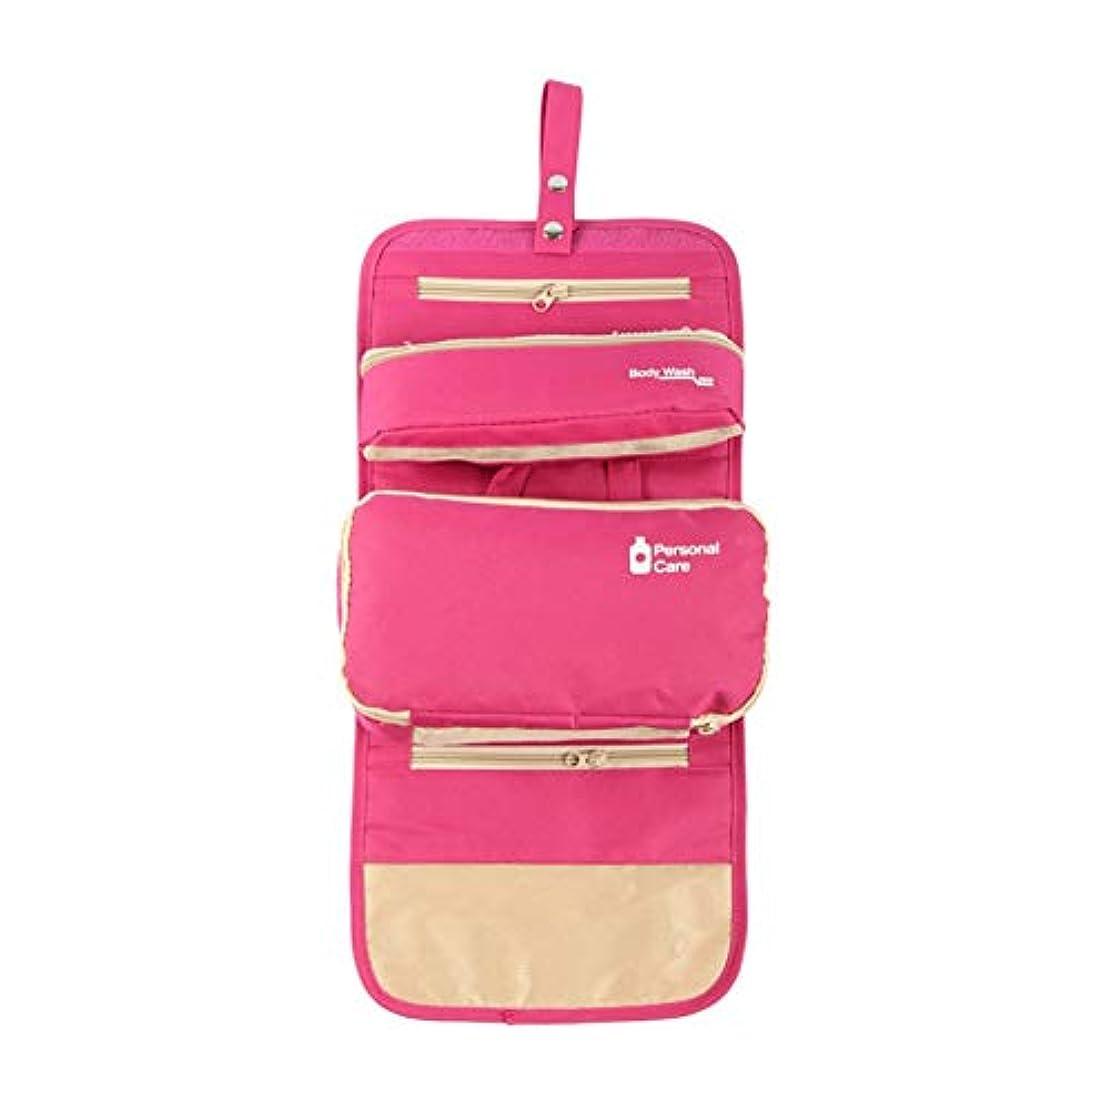 川アンデス山脈放棄された特大スペース収納ビューティーボックス 女の子の女性旅行のための新しく、実用的な携帯用化粧箱およびロックおよび皿が付いている毎日の貯蔵 化粧品化粧台 (色 : ピンク)